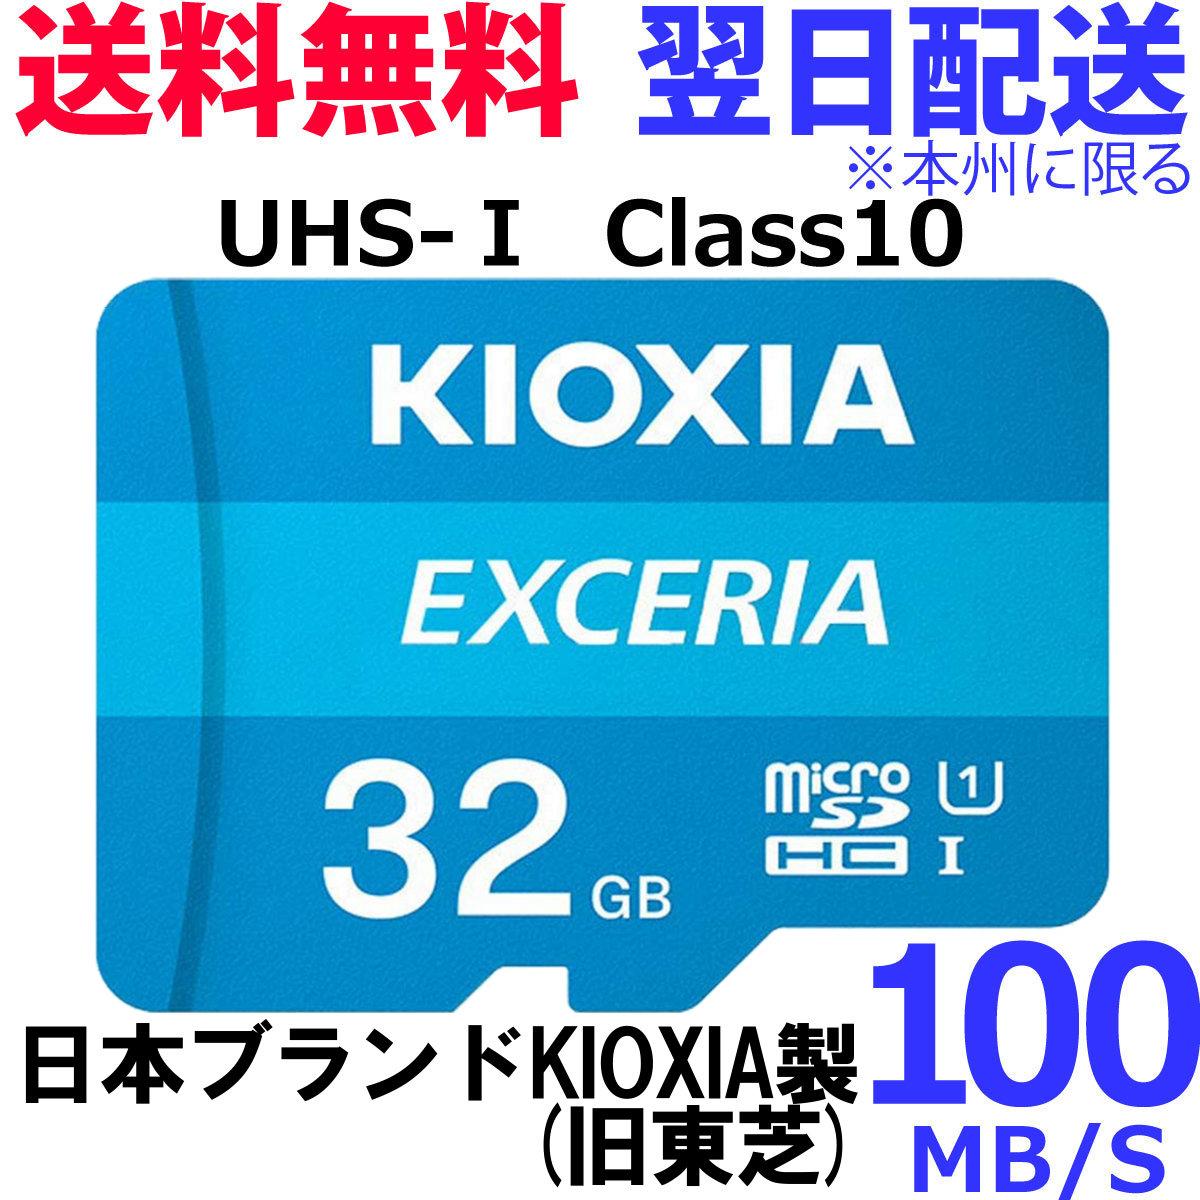 あす楽 日本ブランド KIOXIA 東芝 国際ブランド 32GB 高速 定価 100MB s マイクロSDカード 海外パッケージビデオカメラ 一眼レフ スマホ GoPro micro に TFカード TOSHIBA Class10 SDカードリーダー UHS1 送料無料 MicroSD SDカード バックアップ EXCERIA LMEX1L032GG4